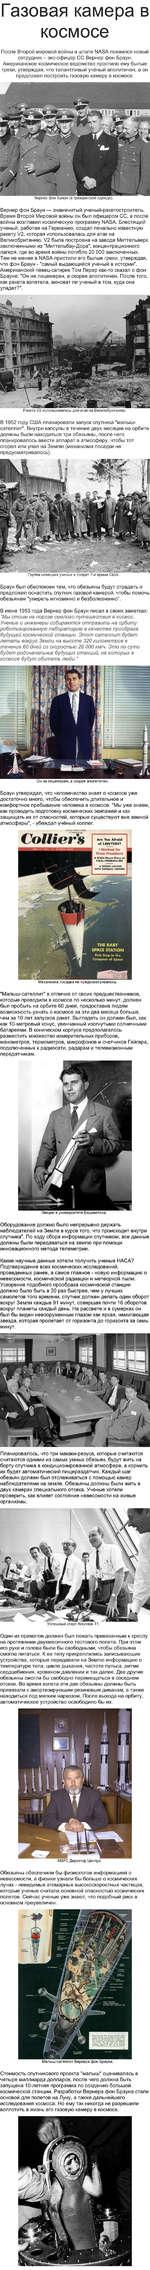 Газовая камера в космосе После Второй мировой войны в штате ЫАБА появился новый сотрудник - экс-офицер СС Вернер фон Браун. Американское космическое ведомство простило ему былые грехи, утверждая, что талантливый учёный аполитичен, а он предложил построить газовую камеру в космосе. Вернер фон Брау